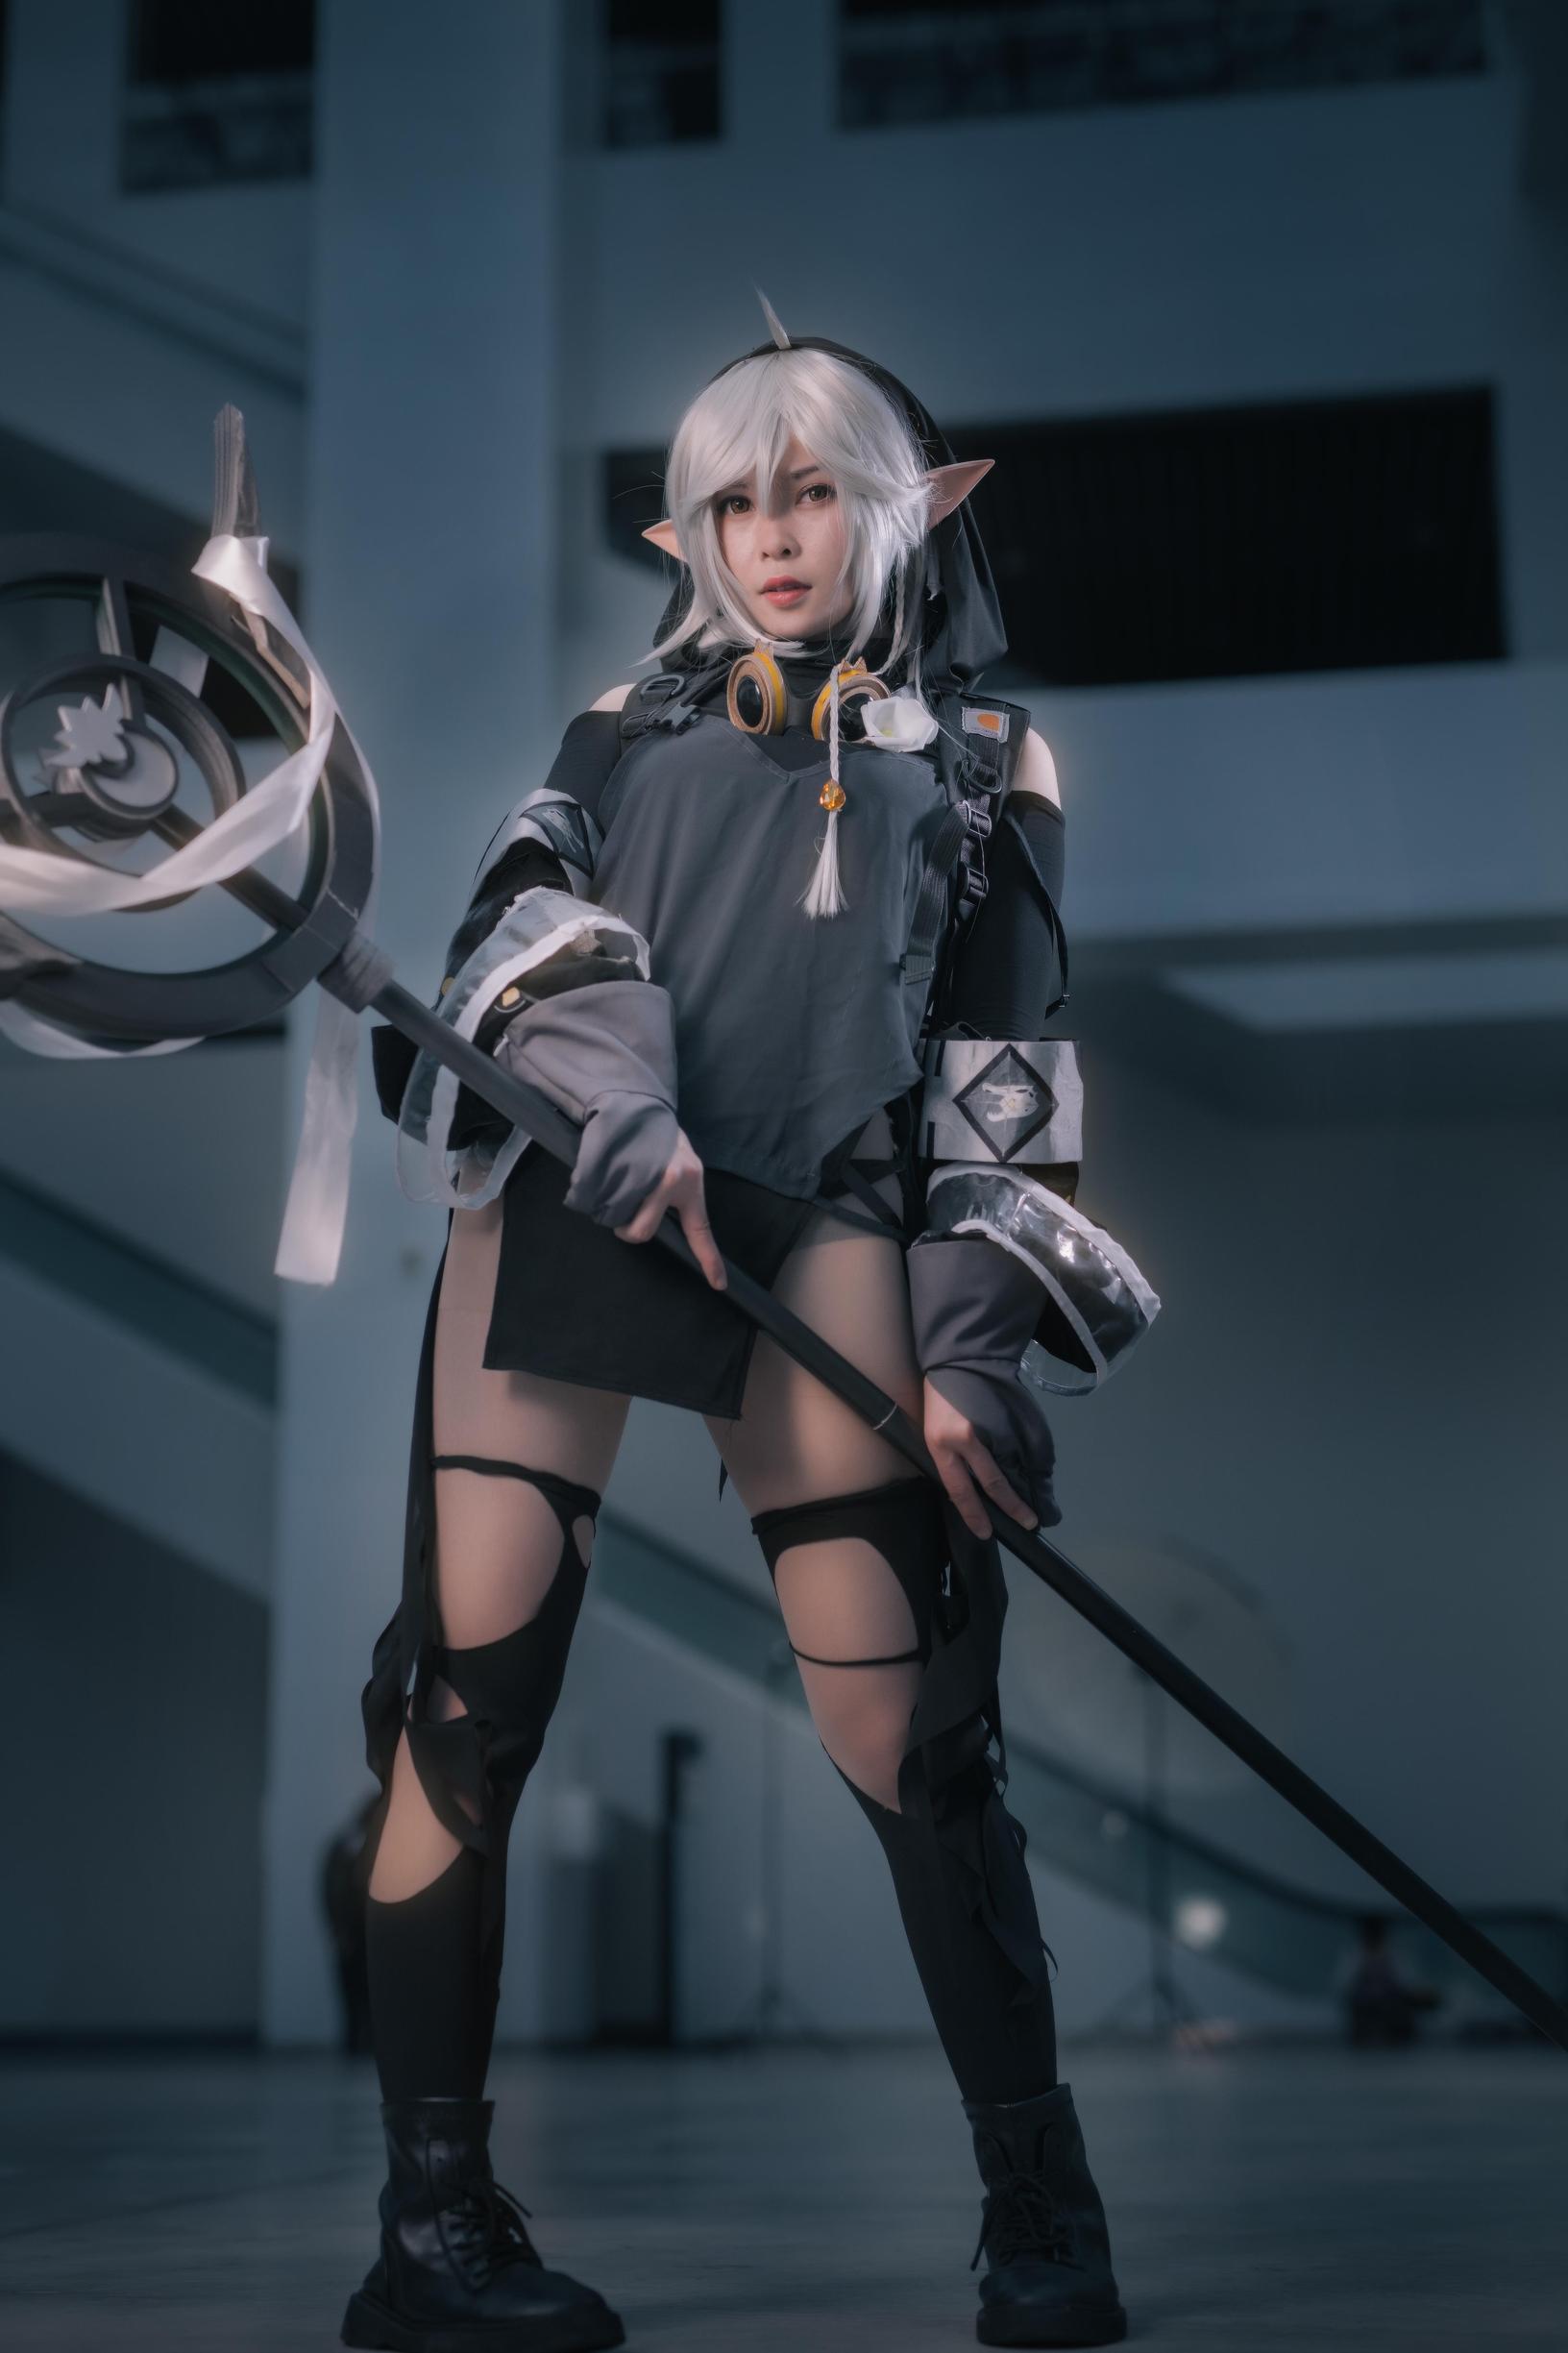 《明日方舟》漫展cosplay【CN:超爱大爆炸的小棍子】 -王者荣耀男cosplay图片插图